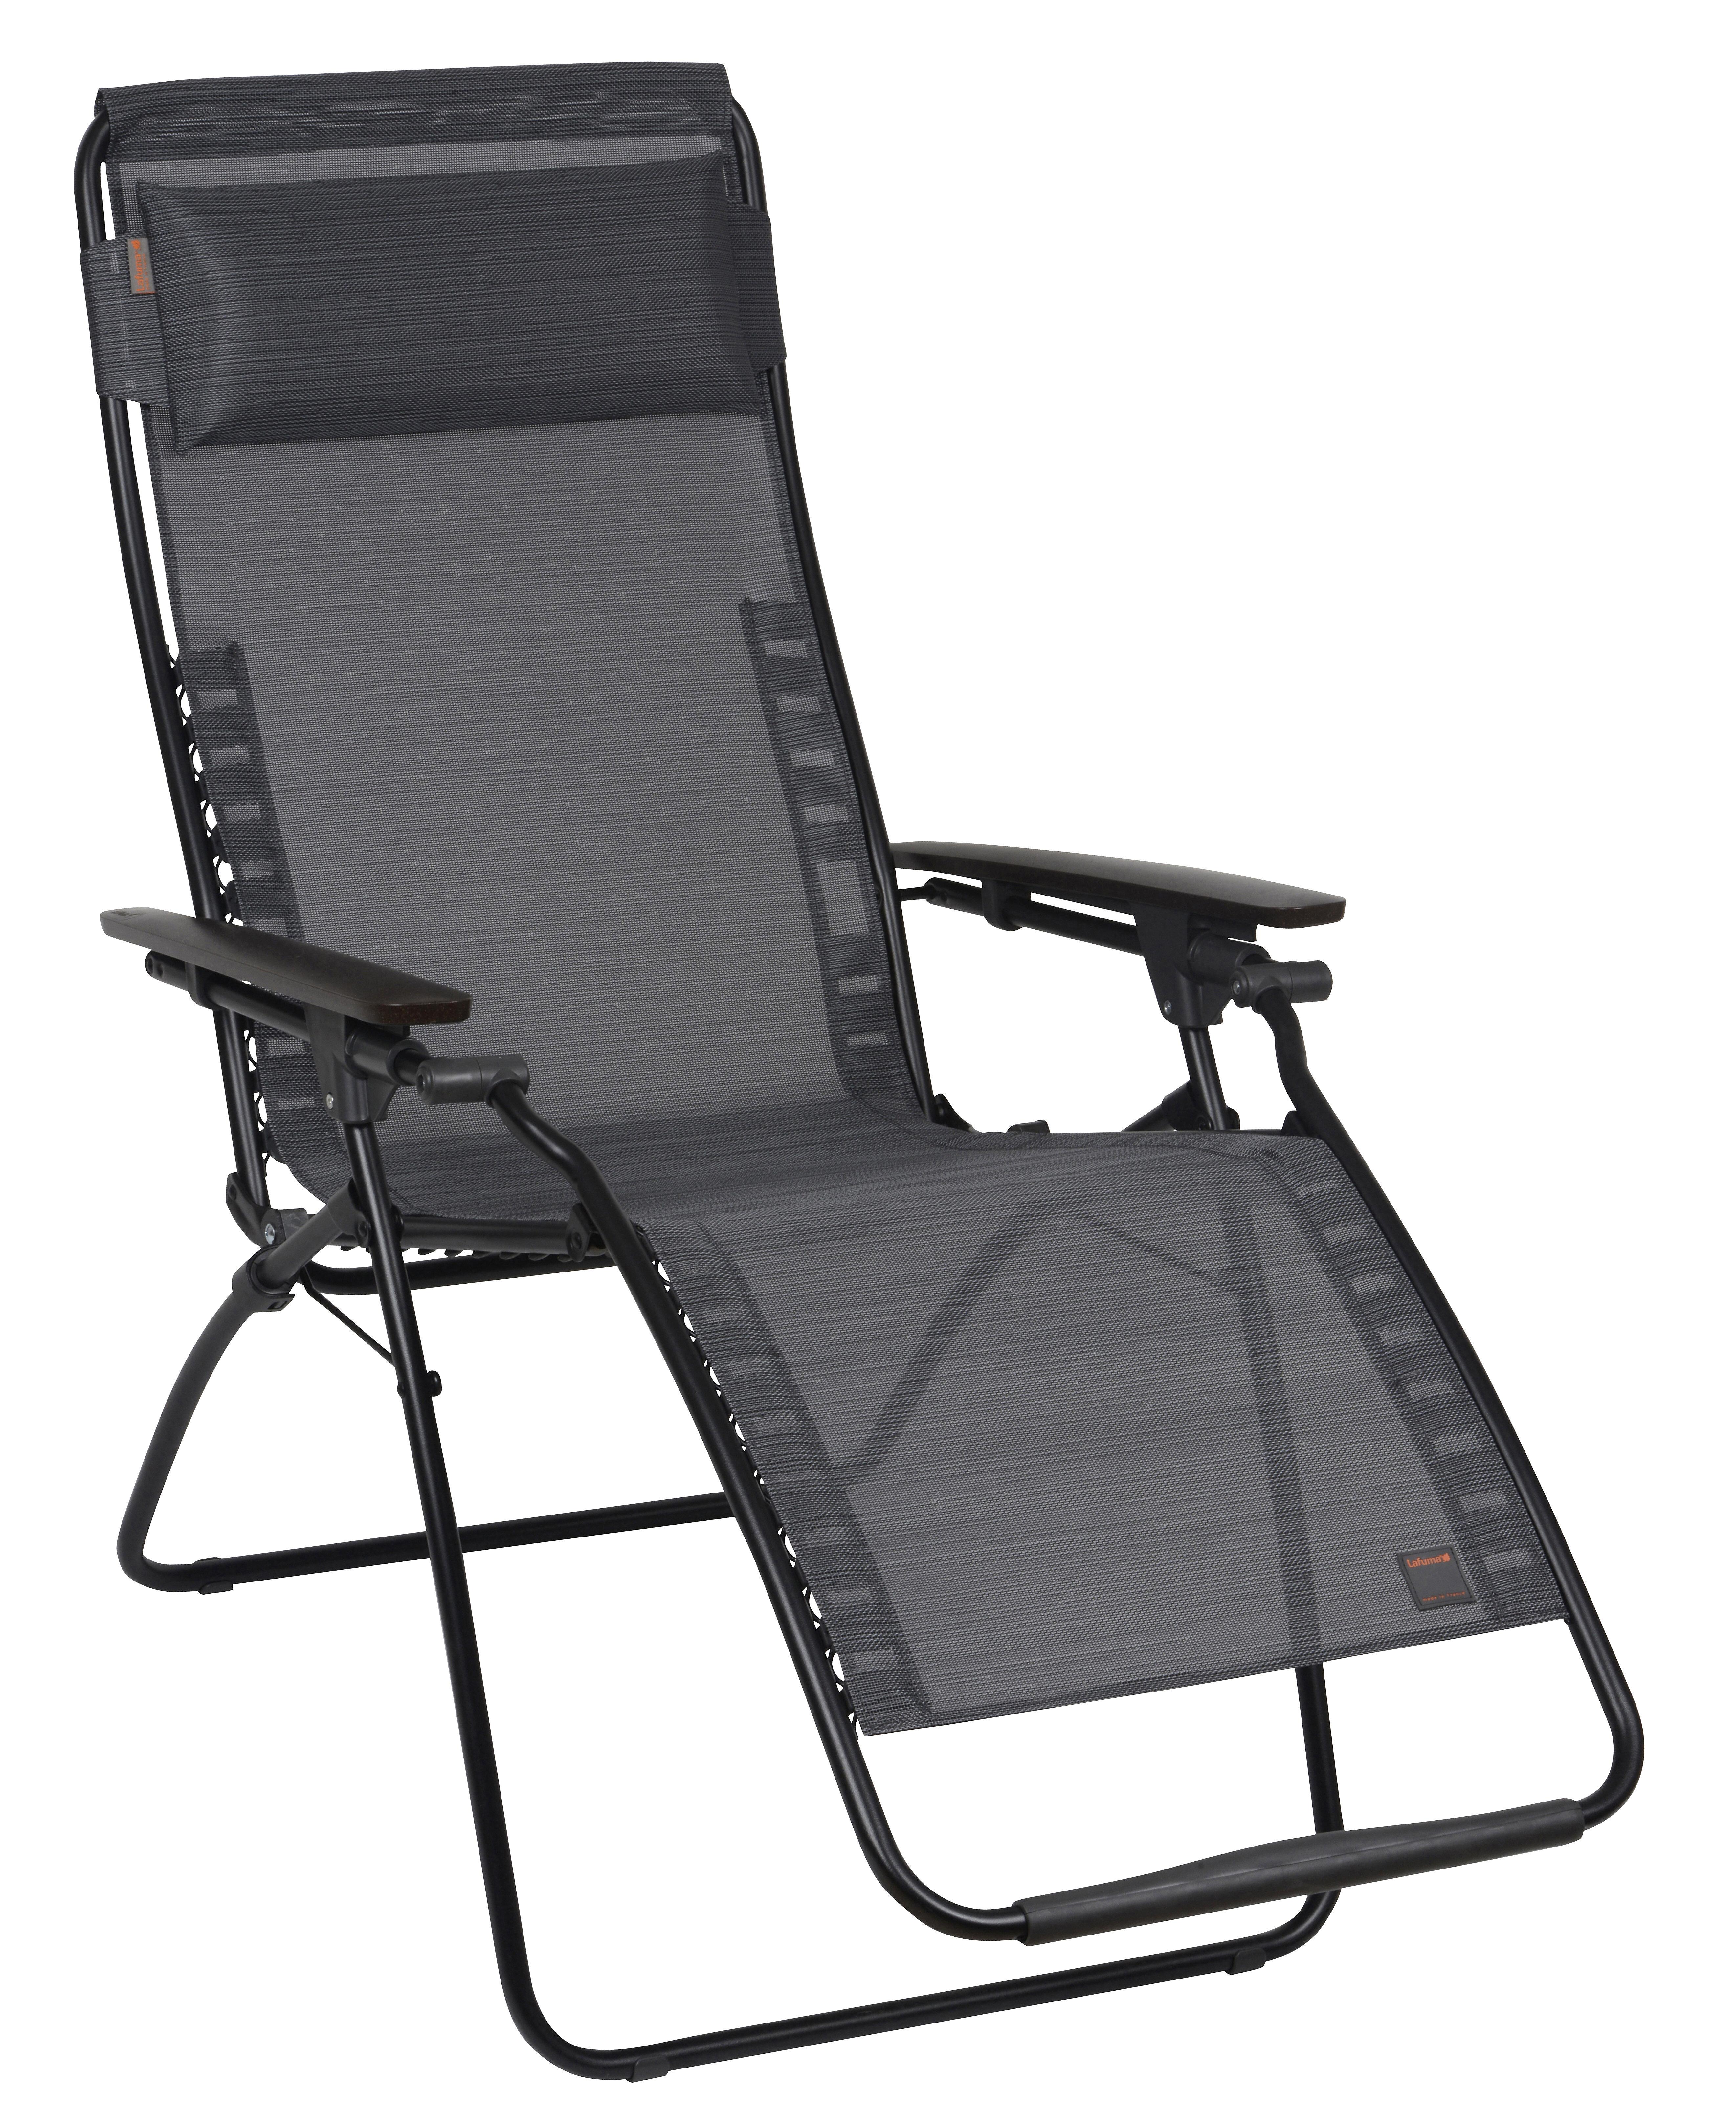 Delightful Futura Clipper Reclining Zero Gravity Chair. By Lafuma